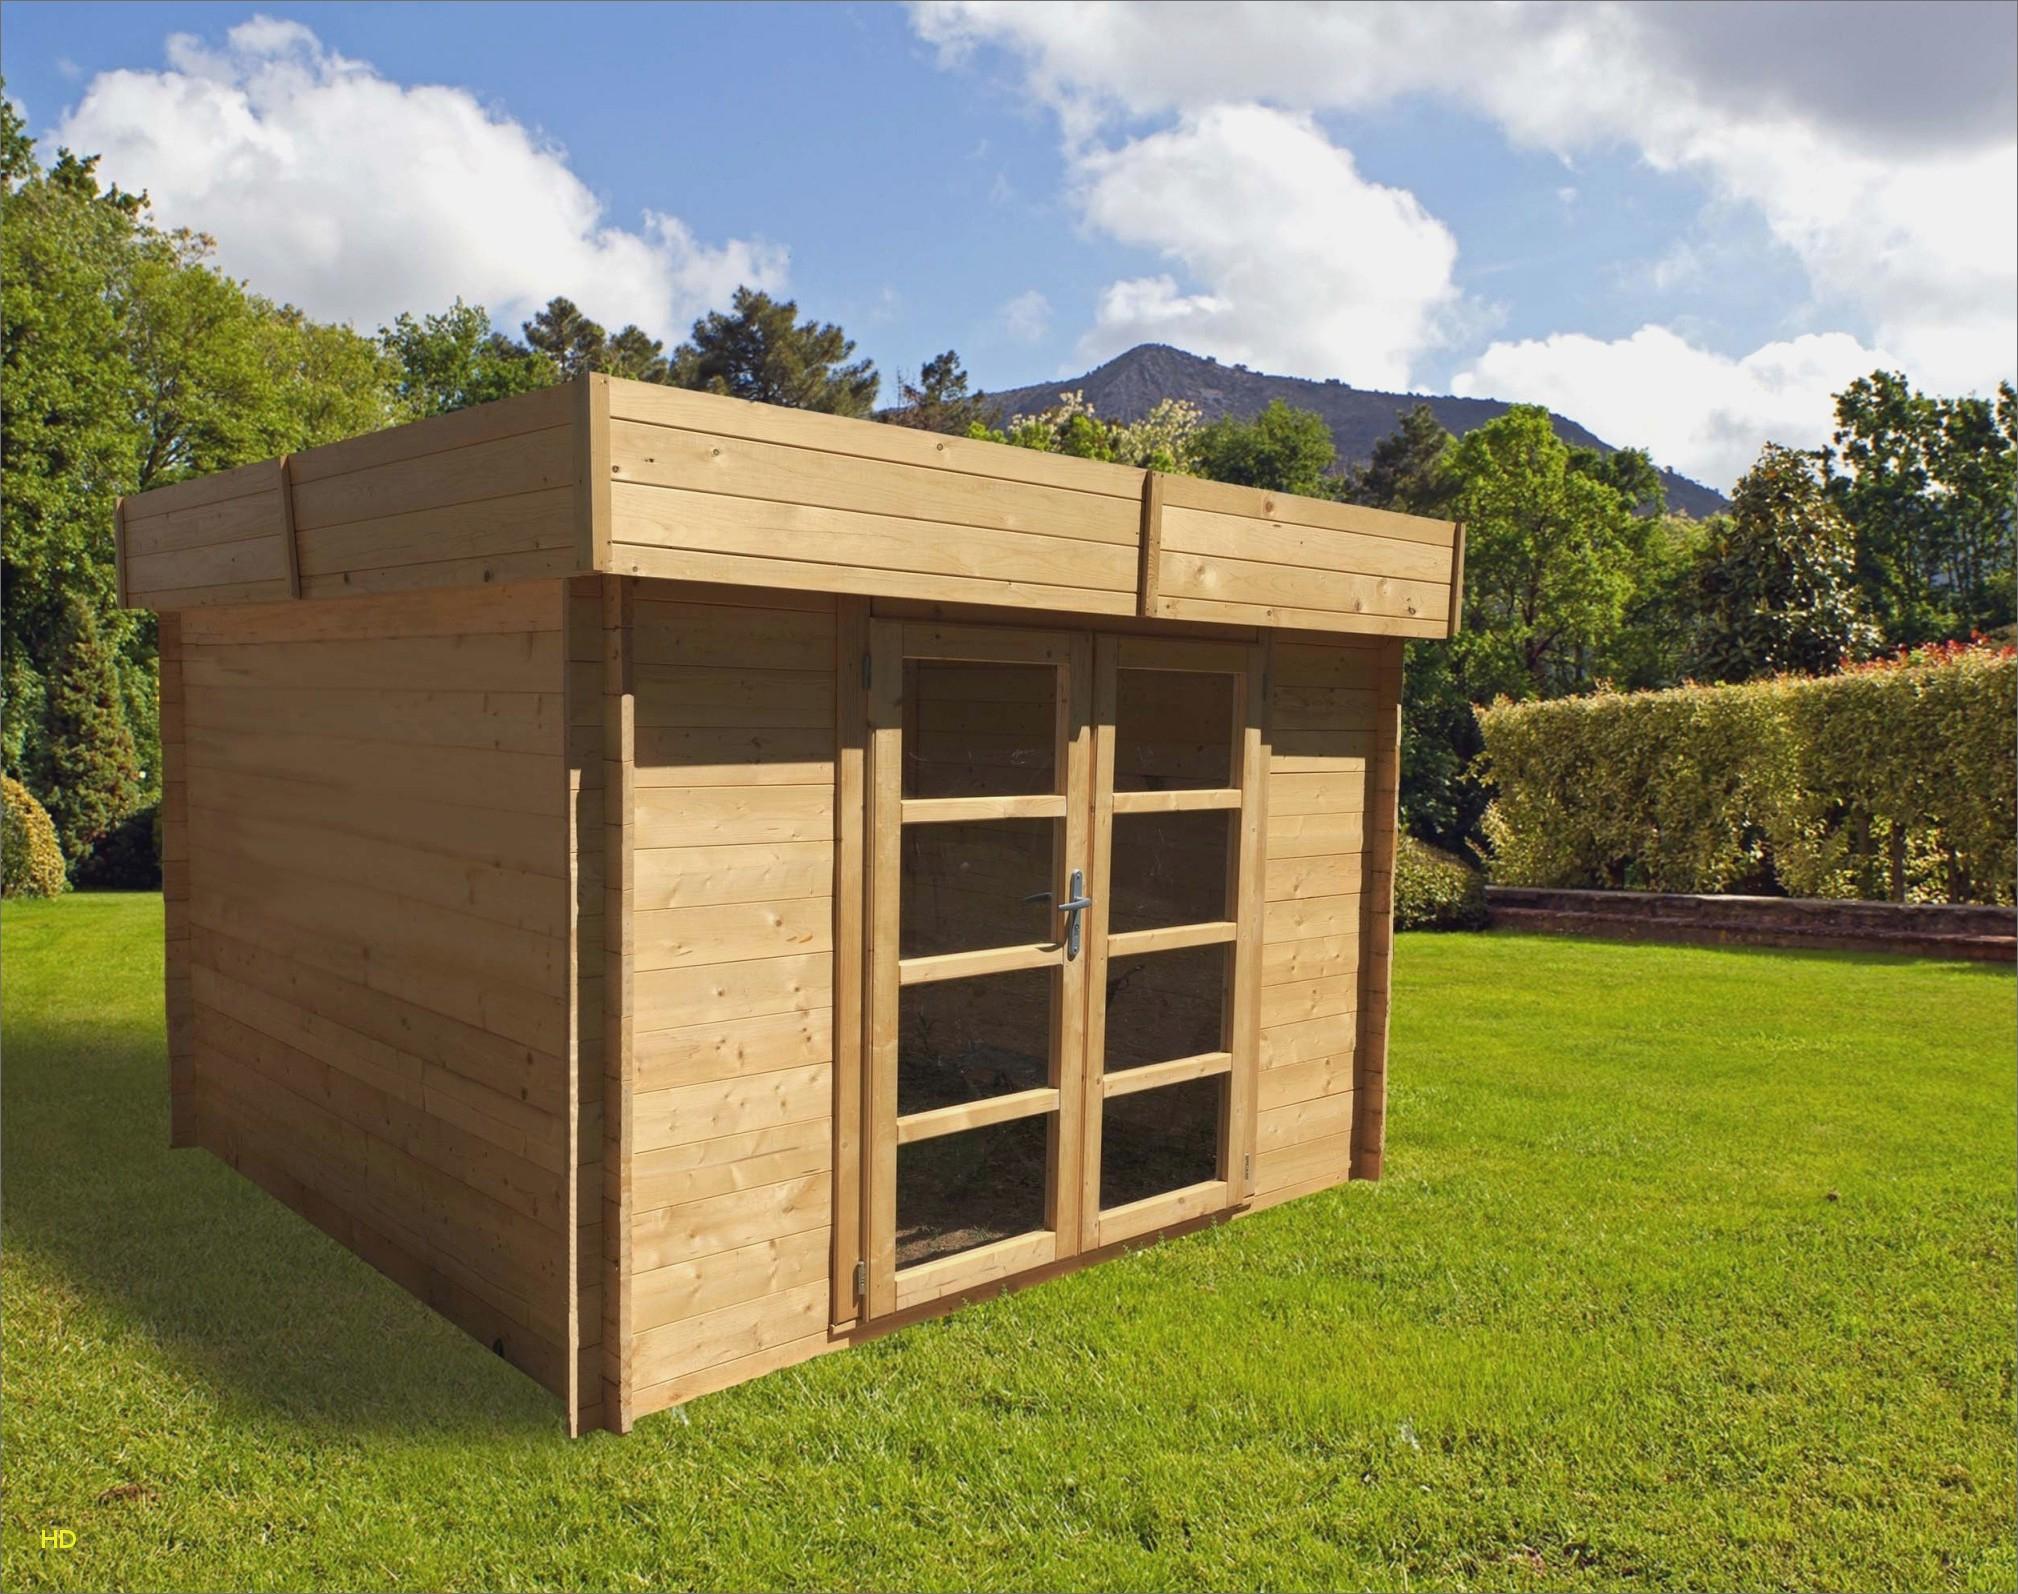 fabriquer un cache poubelle luxe image g nial galerie de. Black Bedroom Furniture Sets. Home Design Ideas